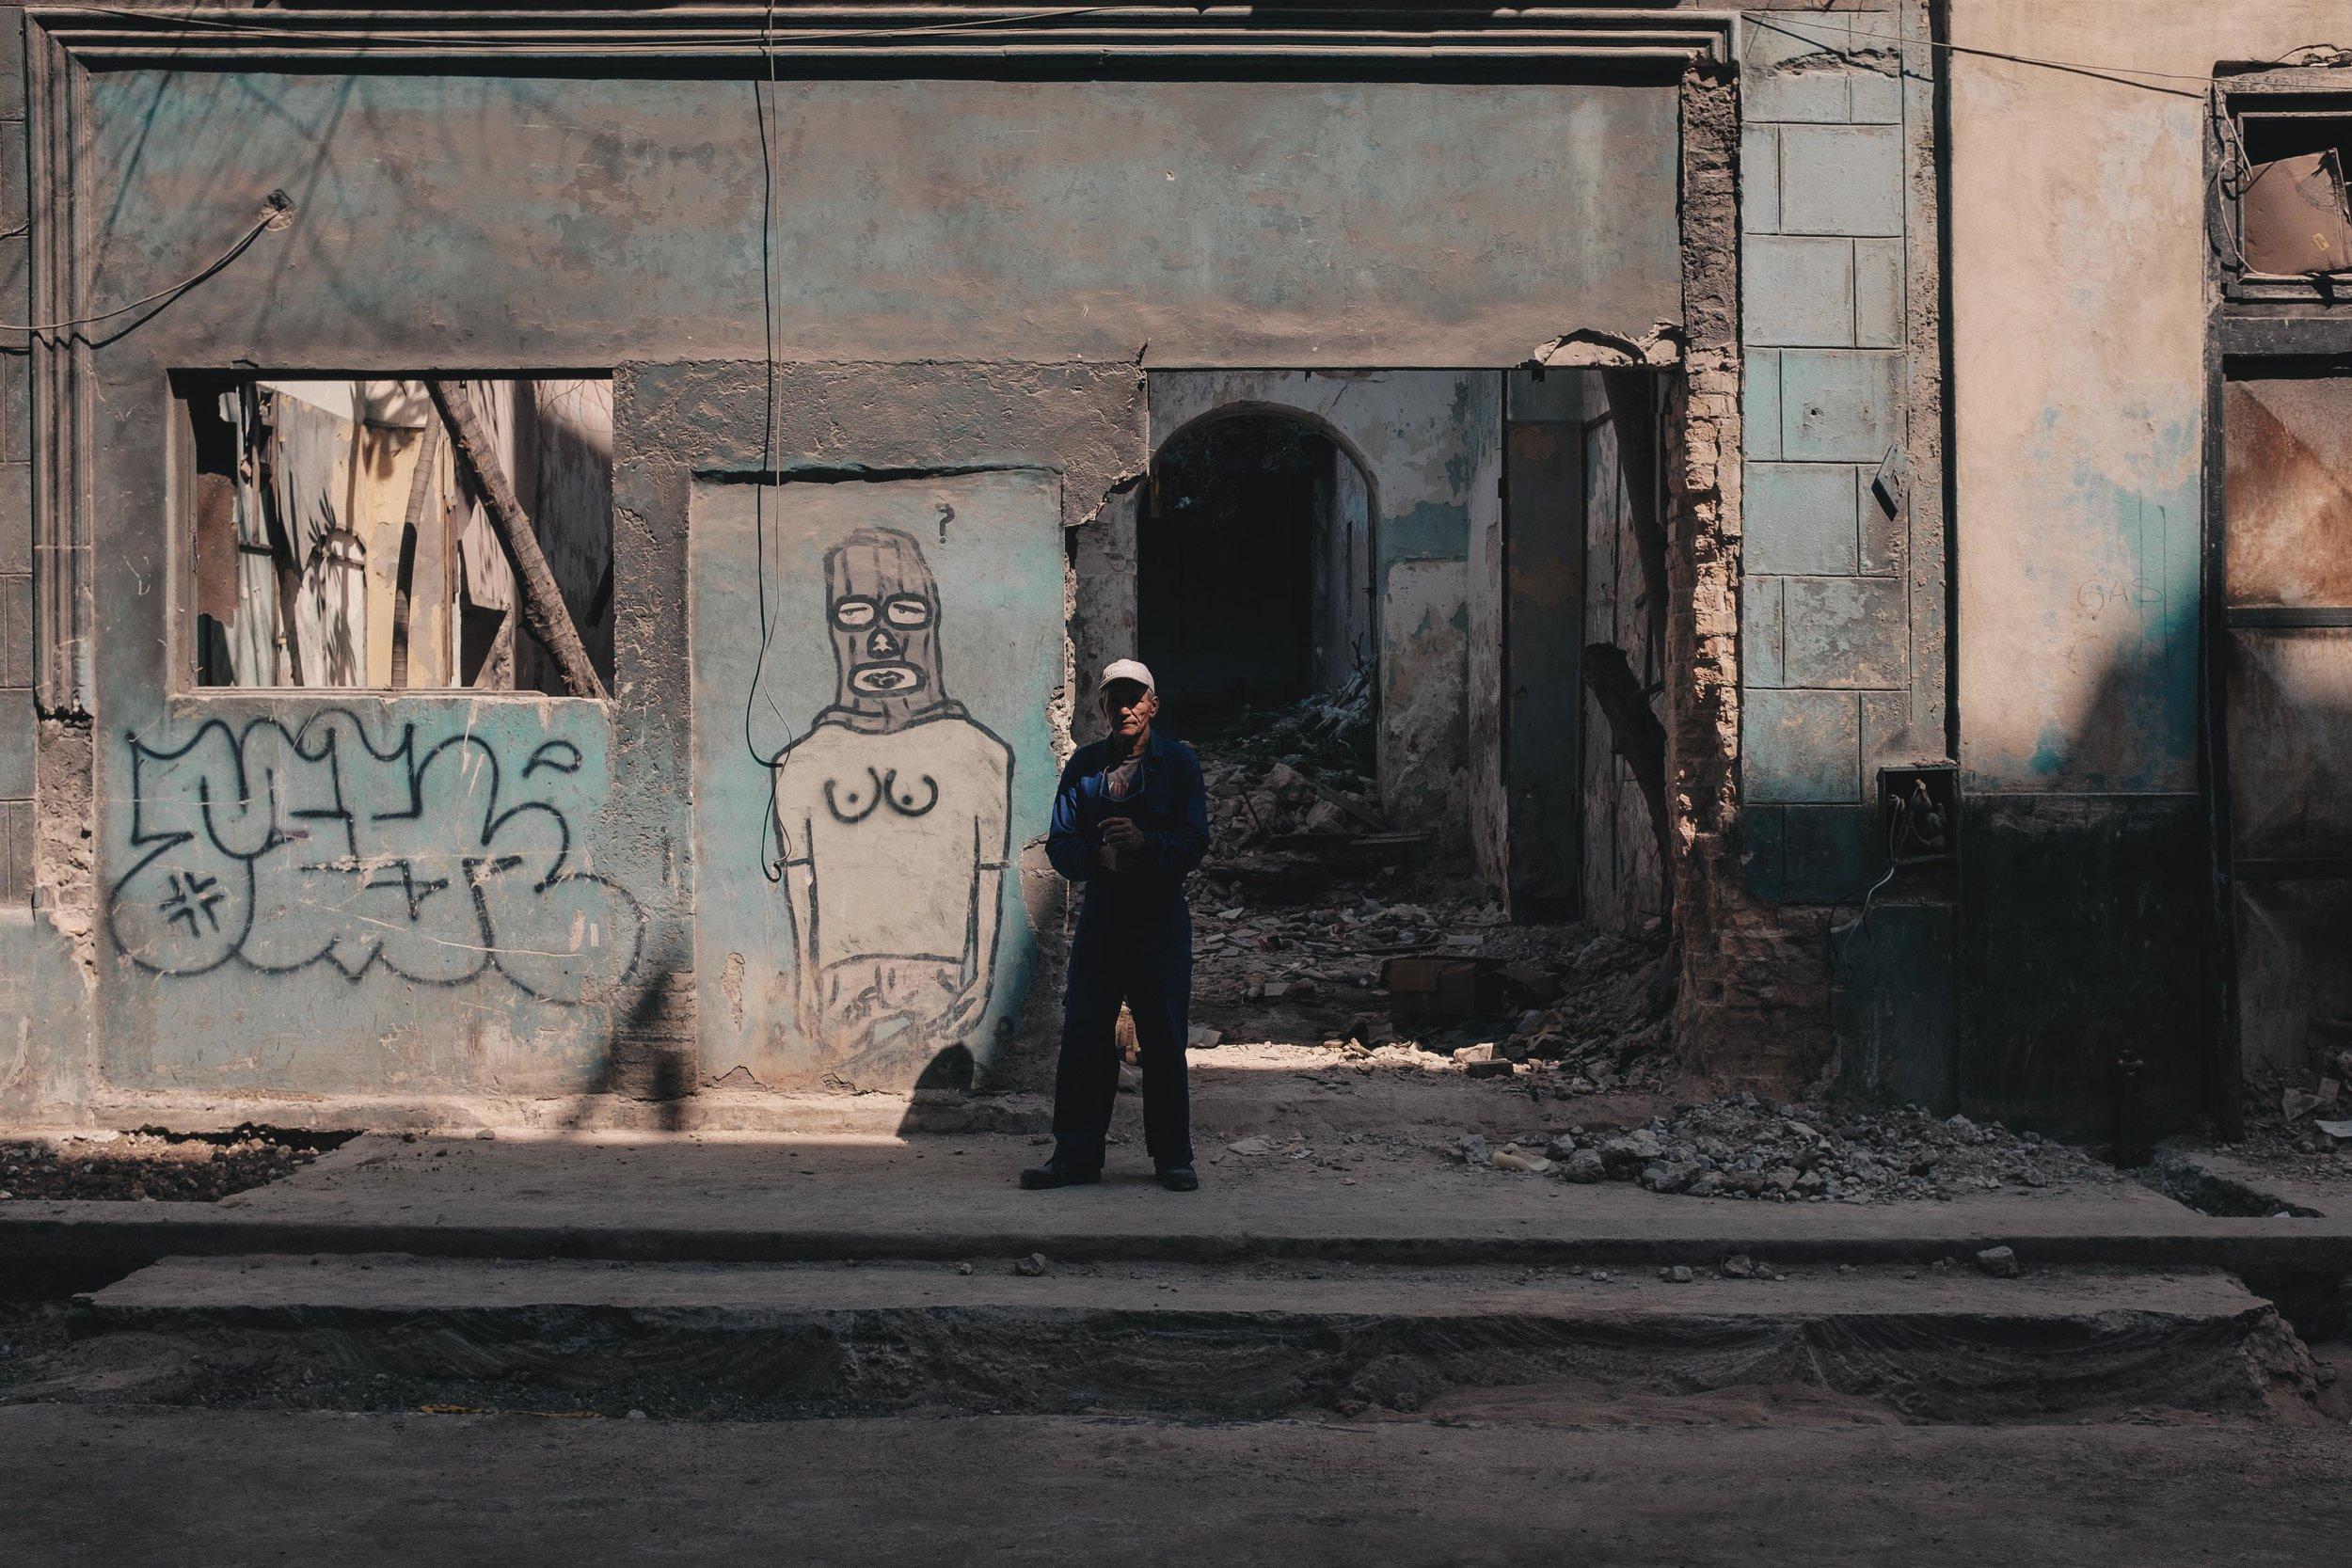 havana-city-ruins-buildings.jpg